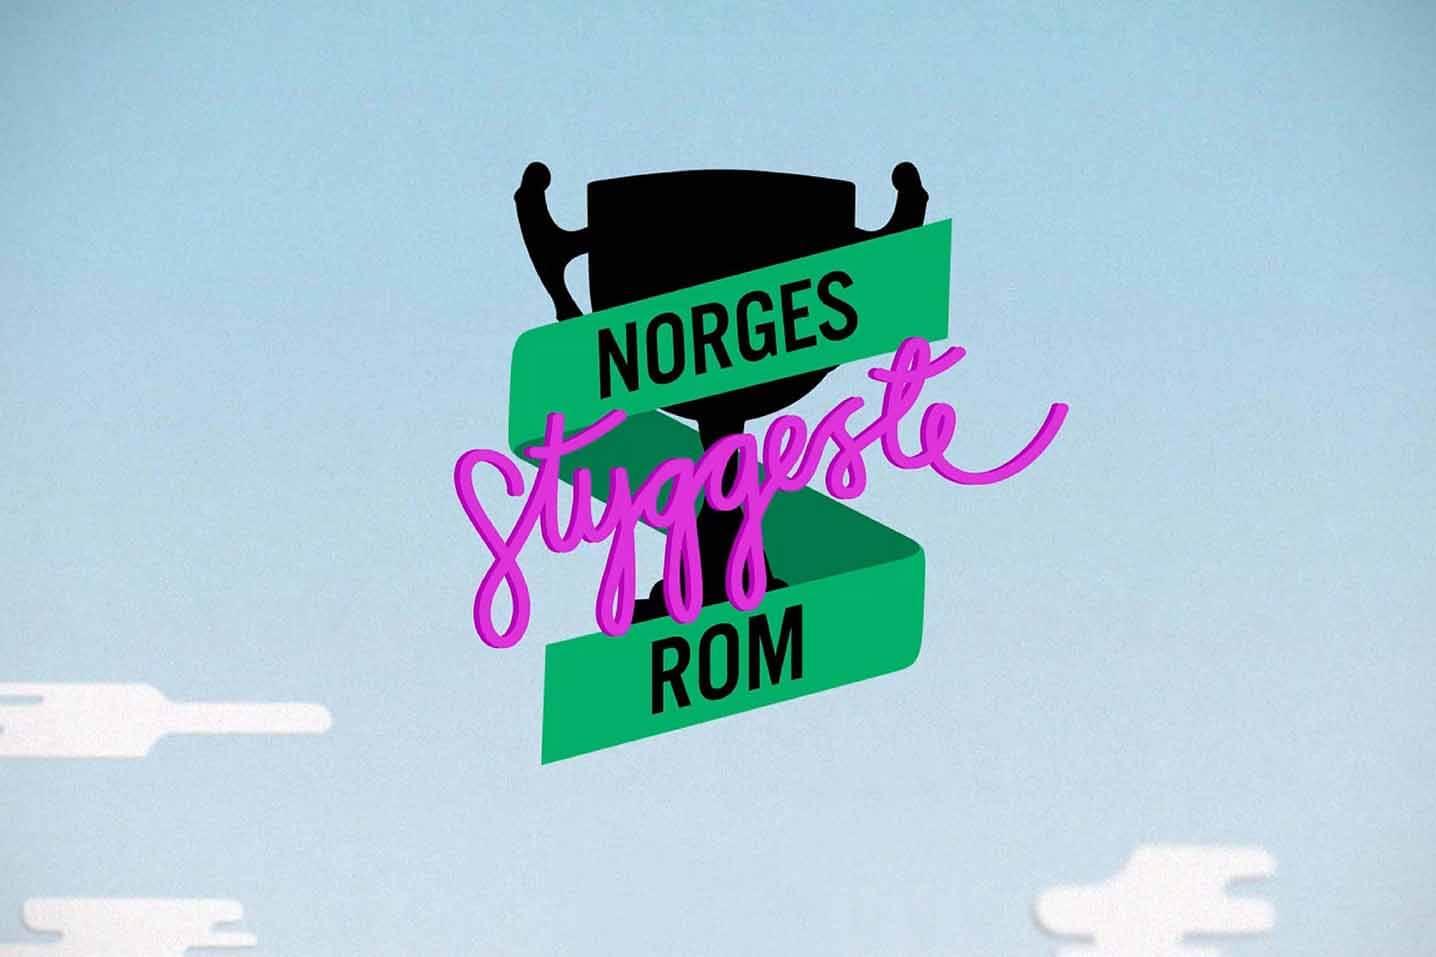 Norges styggeste rom logo på illustrasjon av himmel.